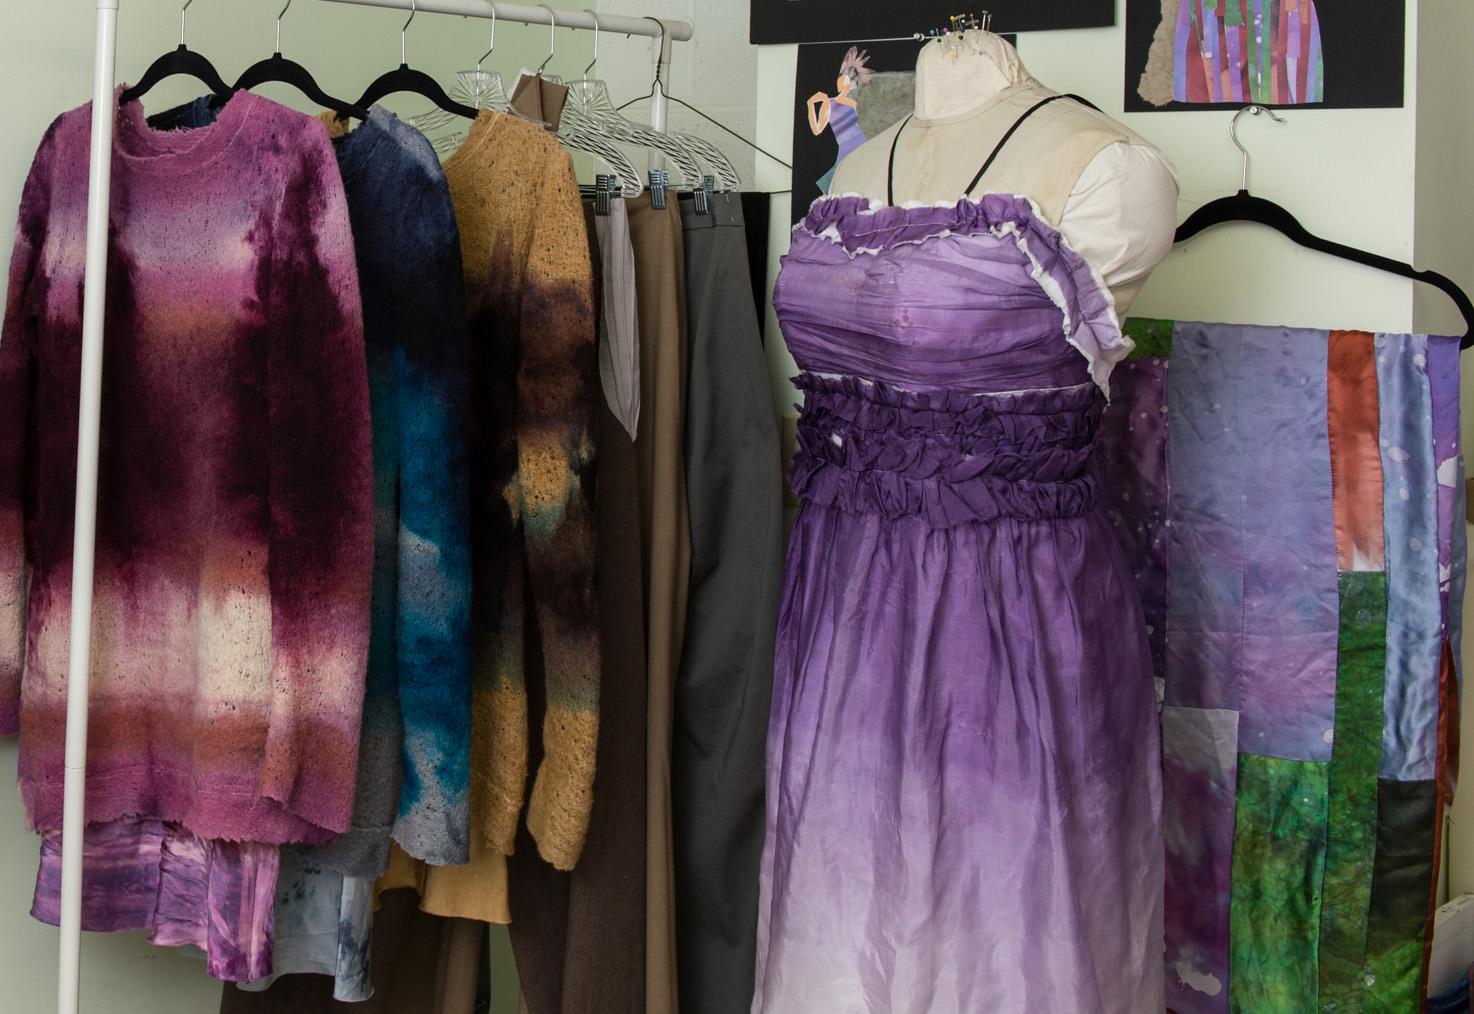 c crop of dresses.jpg